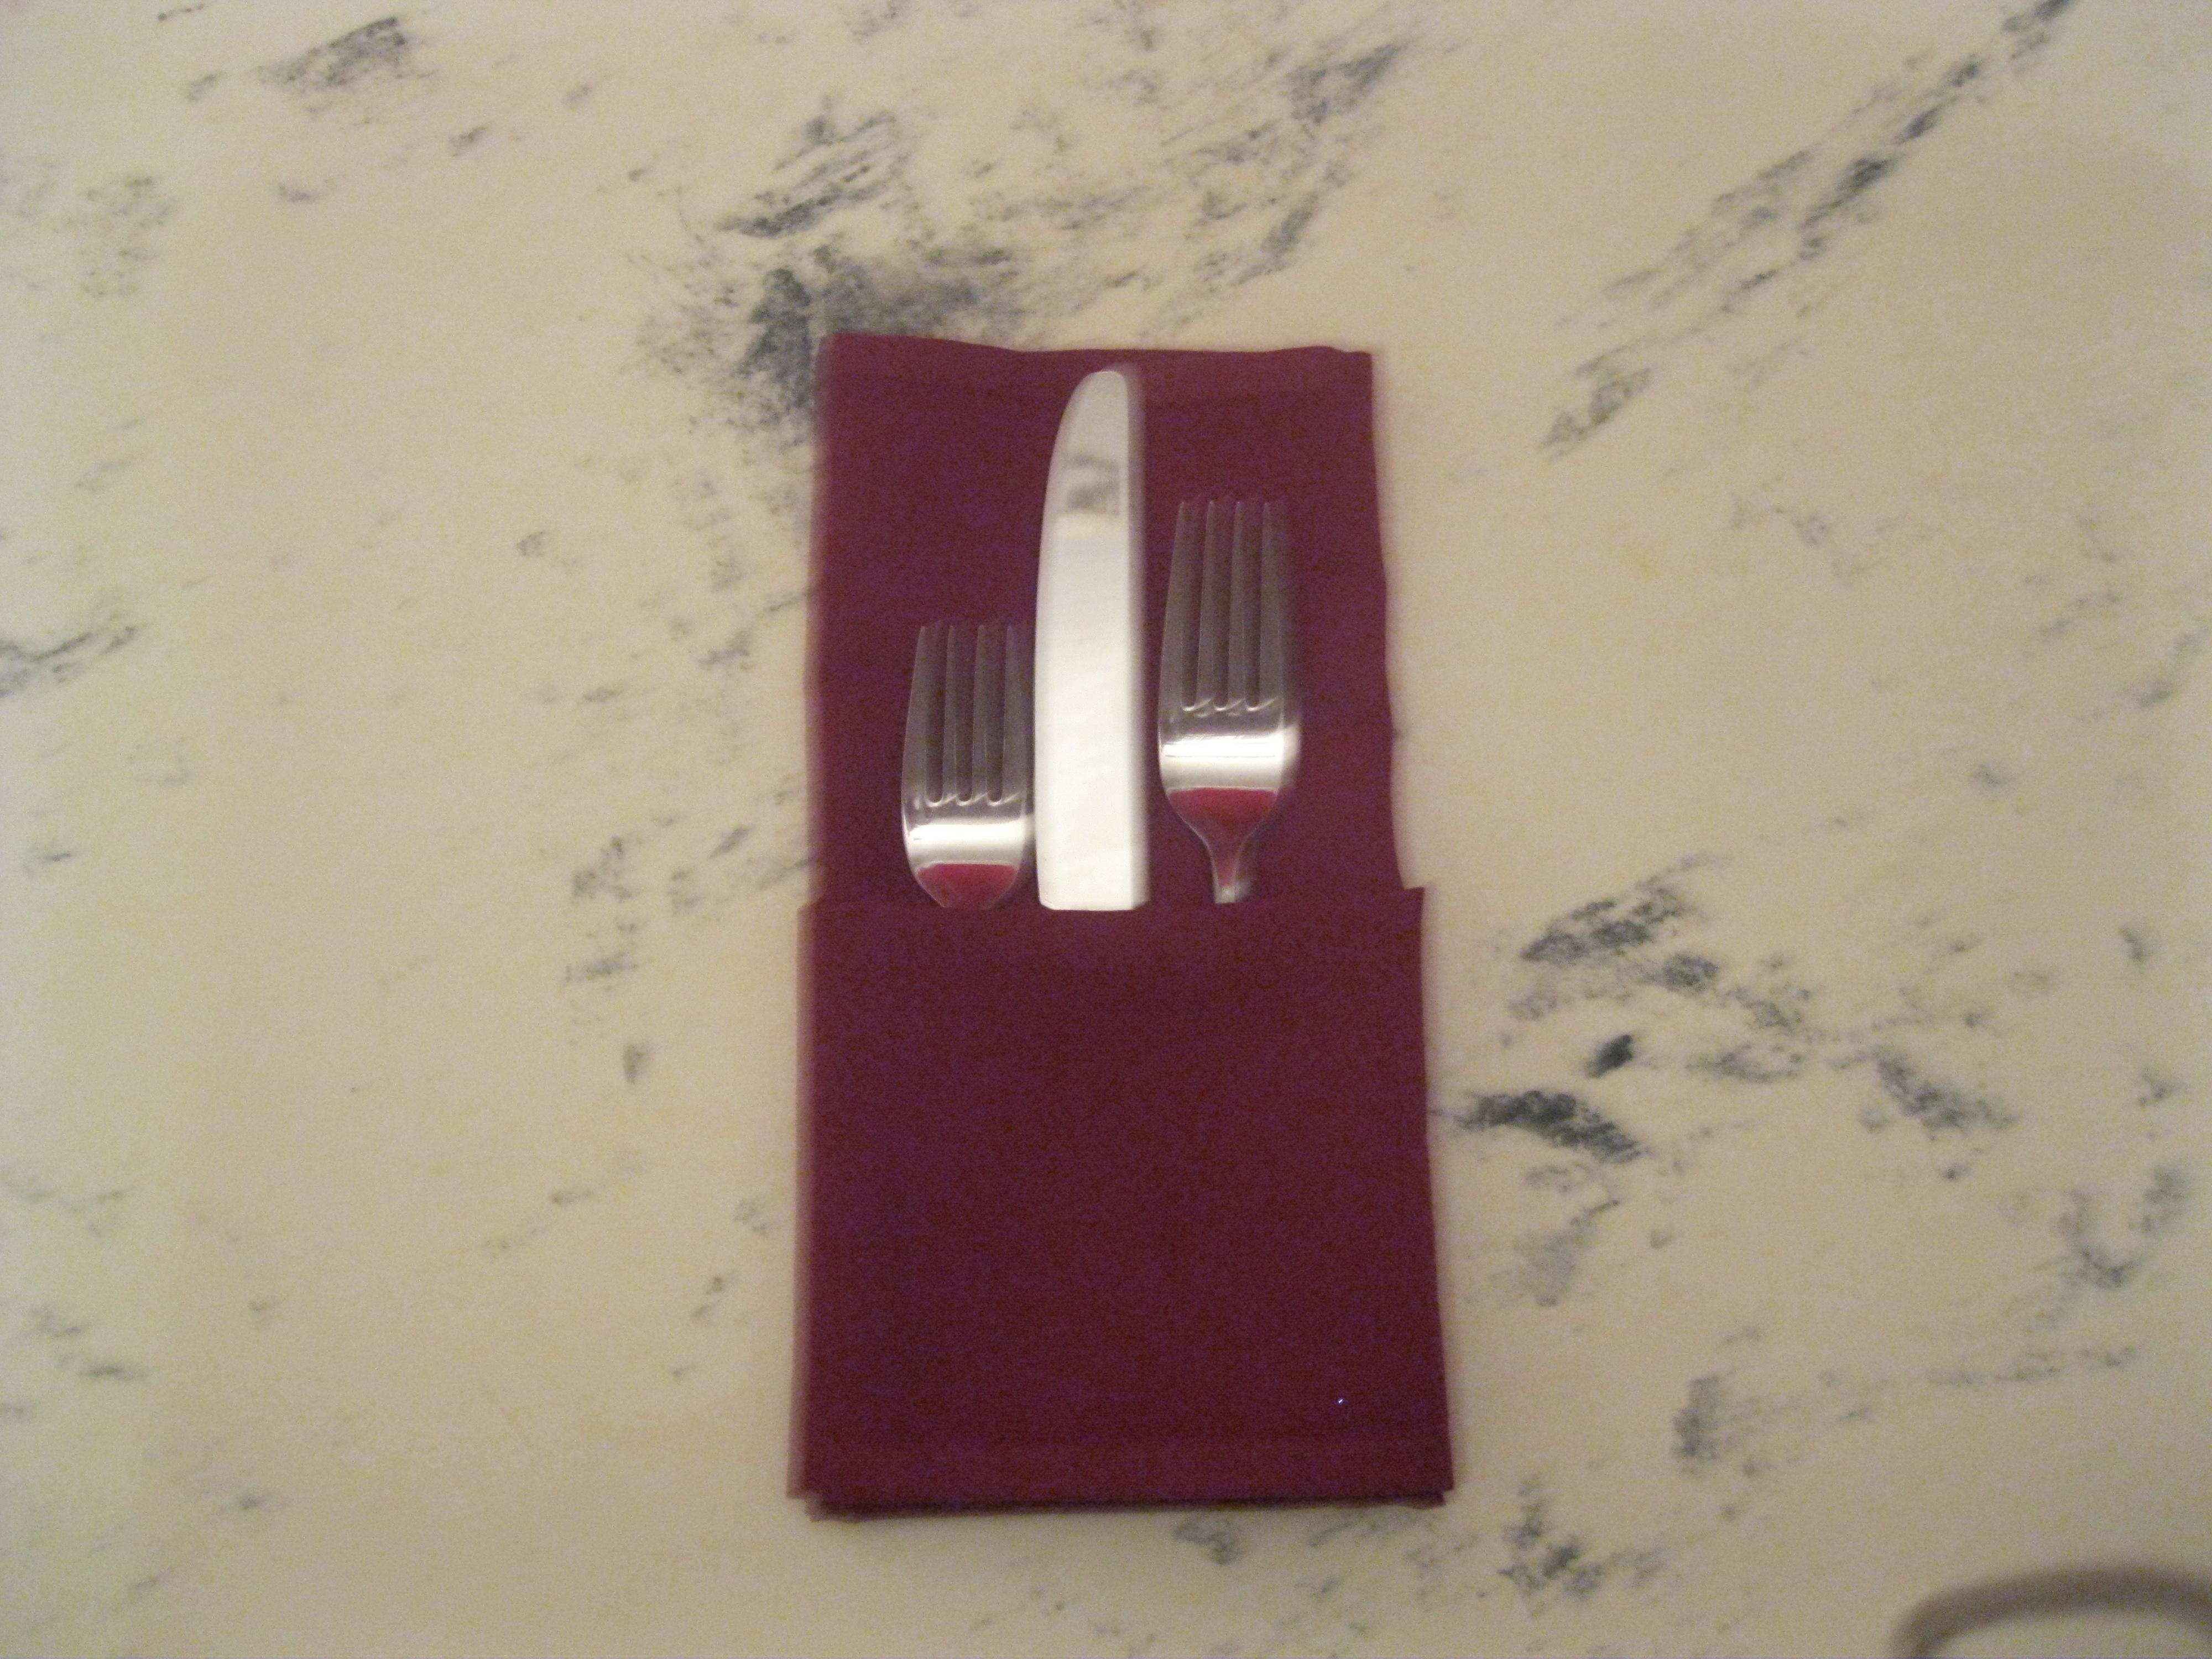 How To Fold A Napkin The Hospitality Formulathe Hospitality Formula